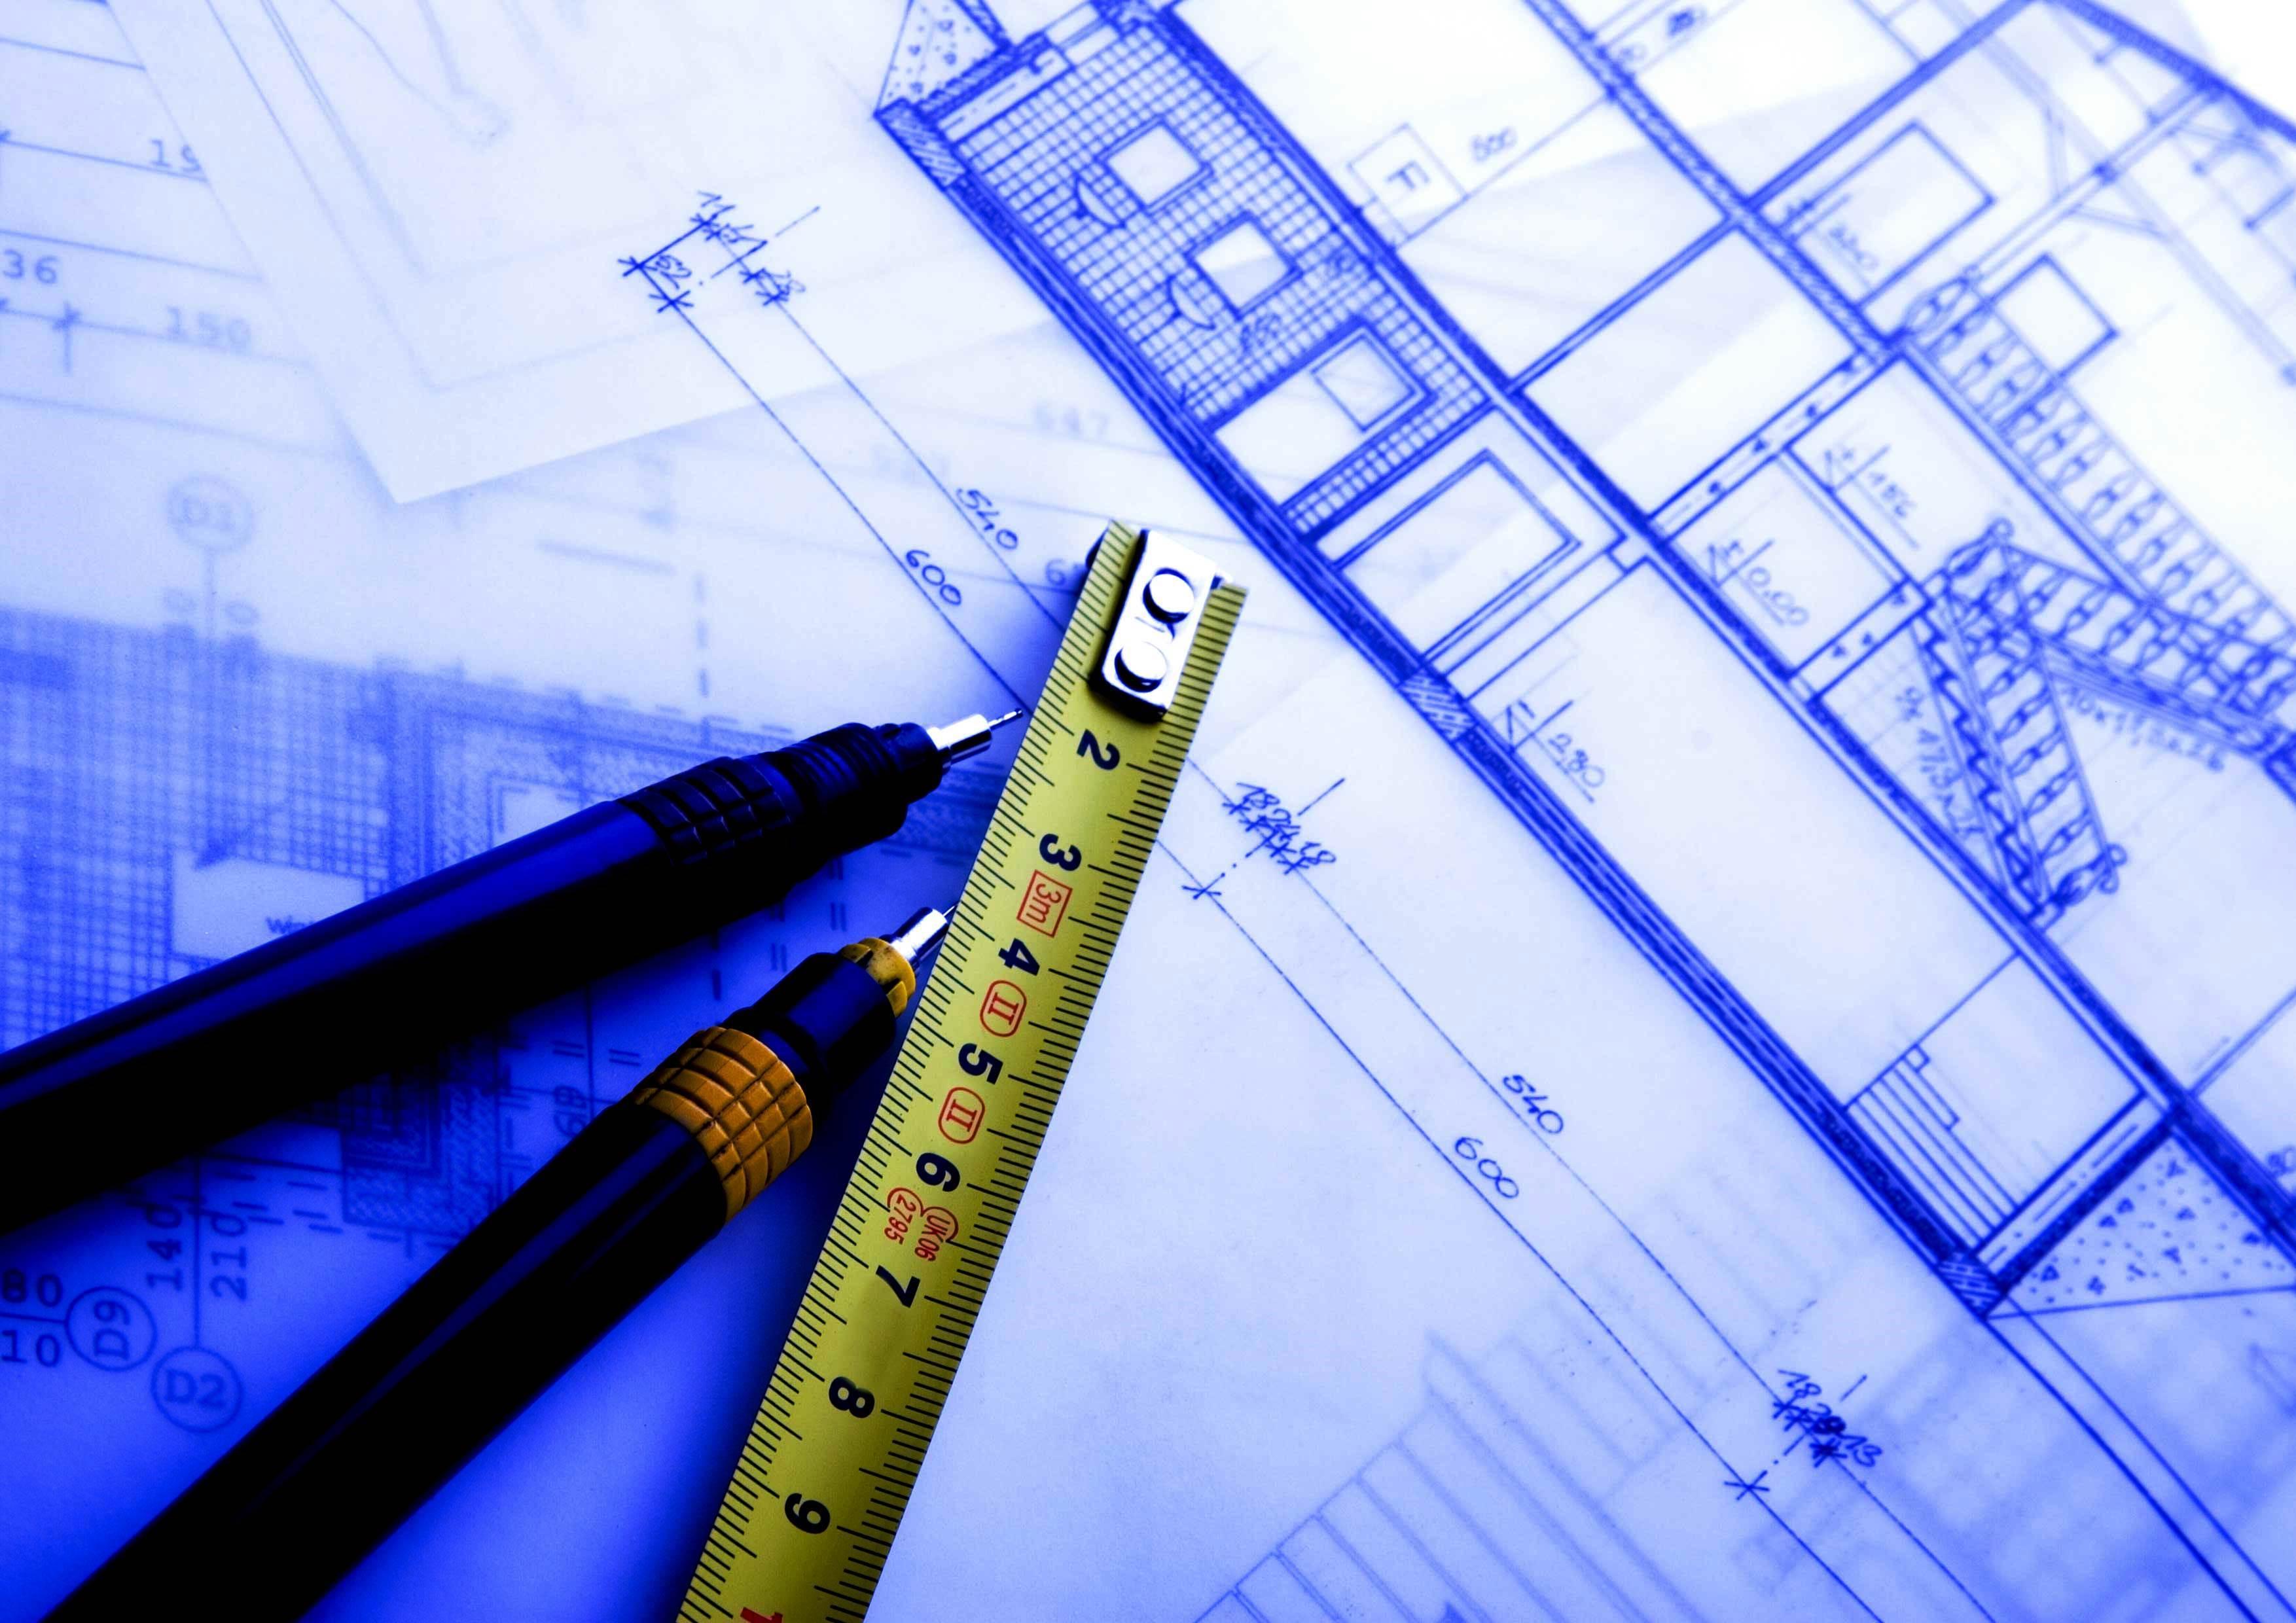 A pesar de que algunas obras pequeñas no necesiten el proyecto de ingeniería a nivel legal, éste garantiza algunos beneficios al dueño de la obra sobre todo en el nivel de la seguridad de la obra (trabajadores y usuarios finales), calidad, economía y gestión (costes, materiales, tiempo de obra)